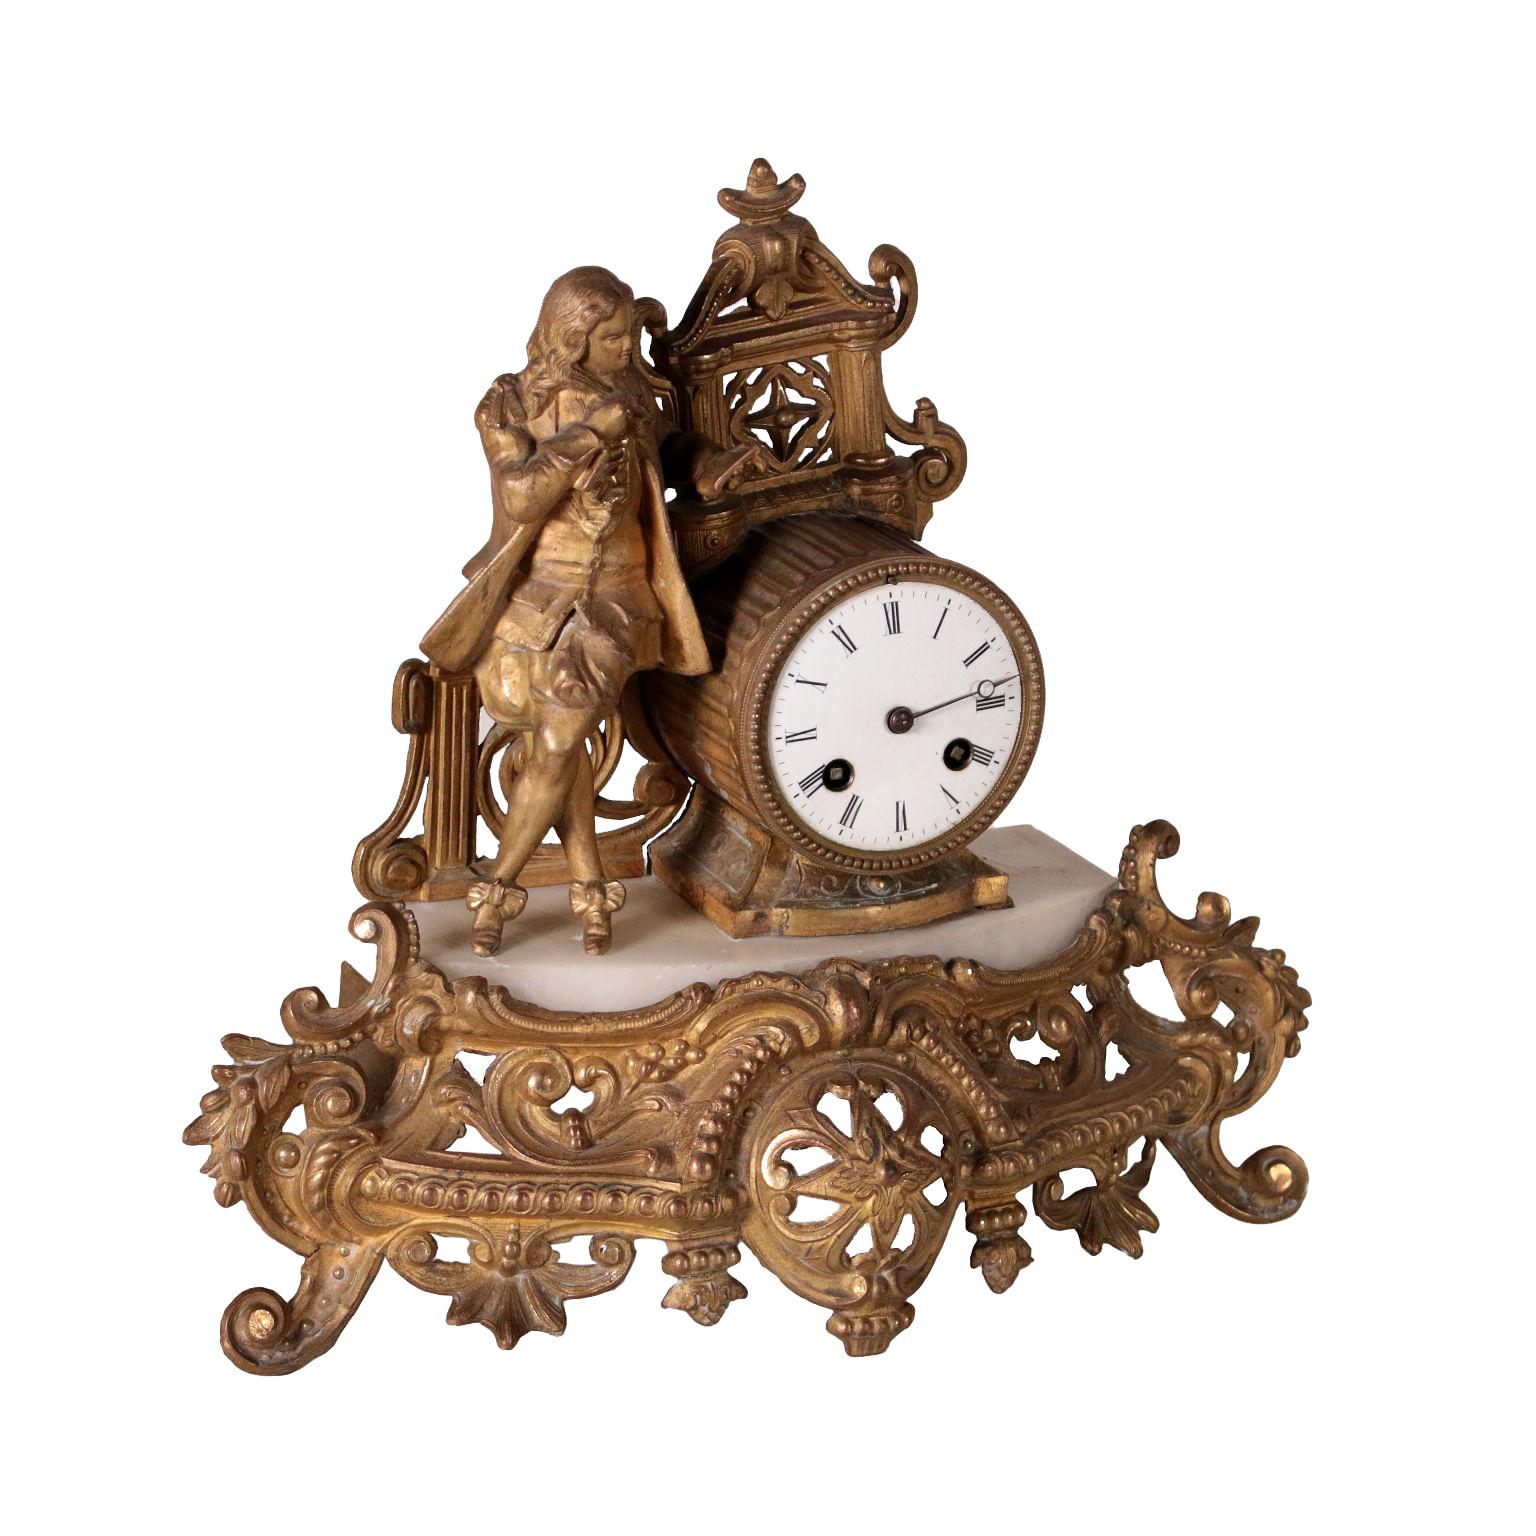 Horloge De Table Antimoine Dore Marbre S Marti C France Fin 800 Les Objets Antique Dimanoinmano It